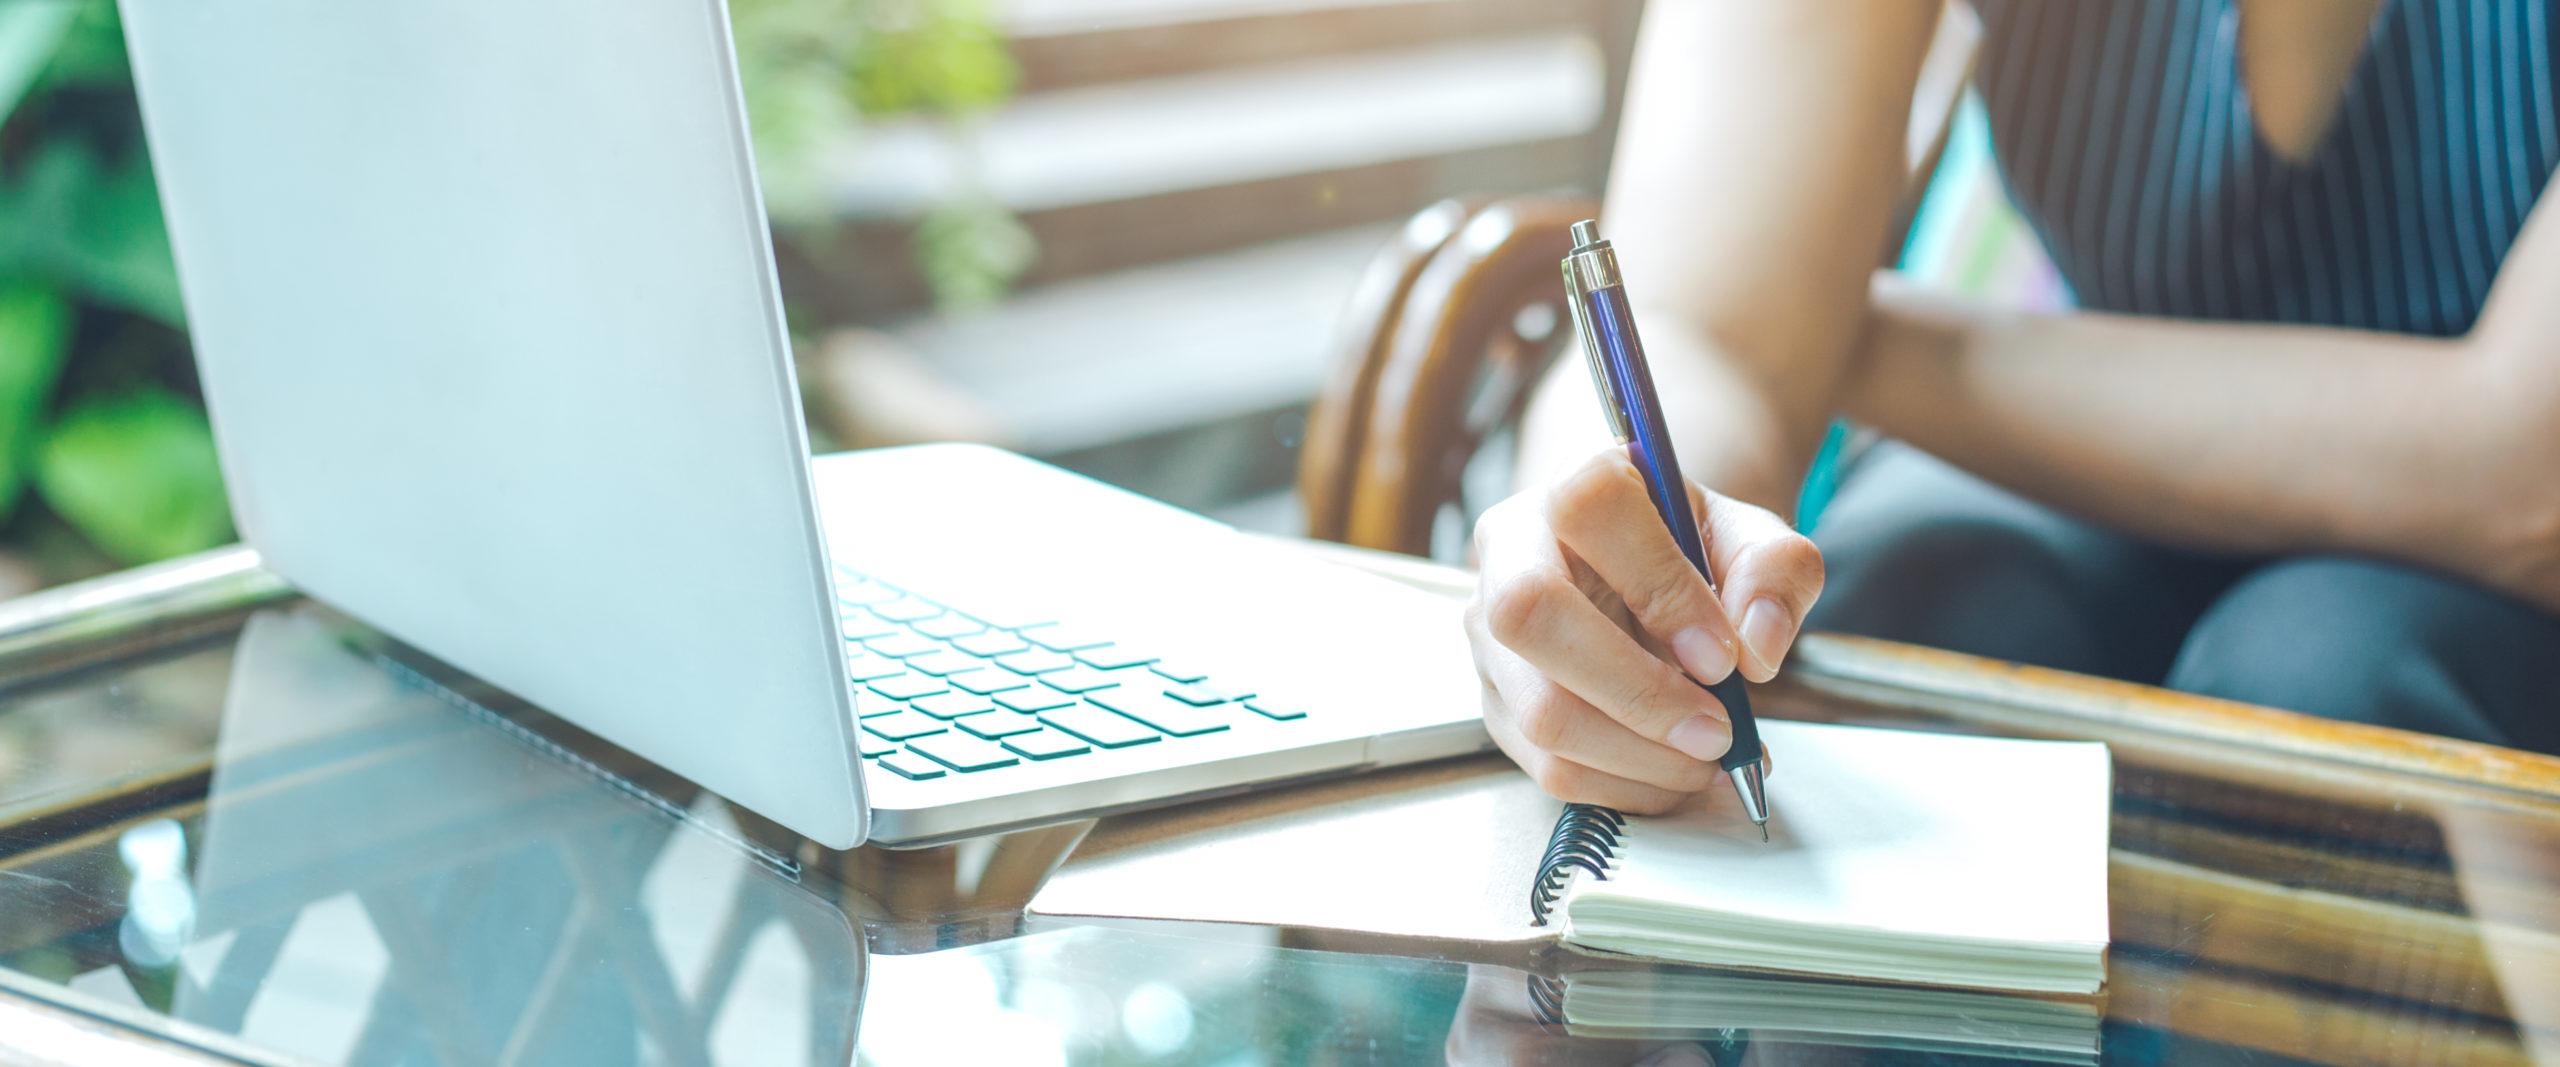 Webinars on Minnesota School Finance Findings